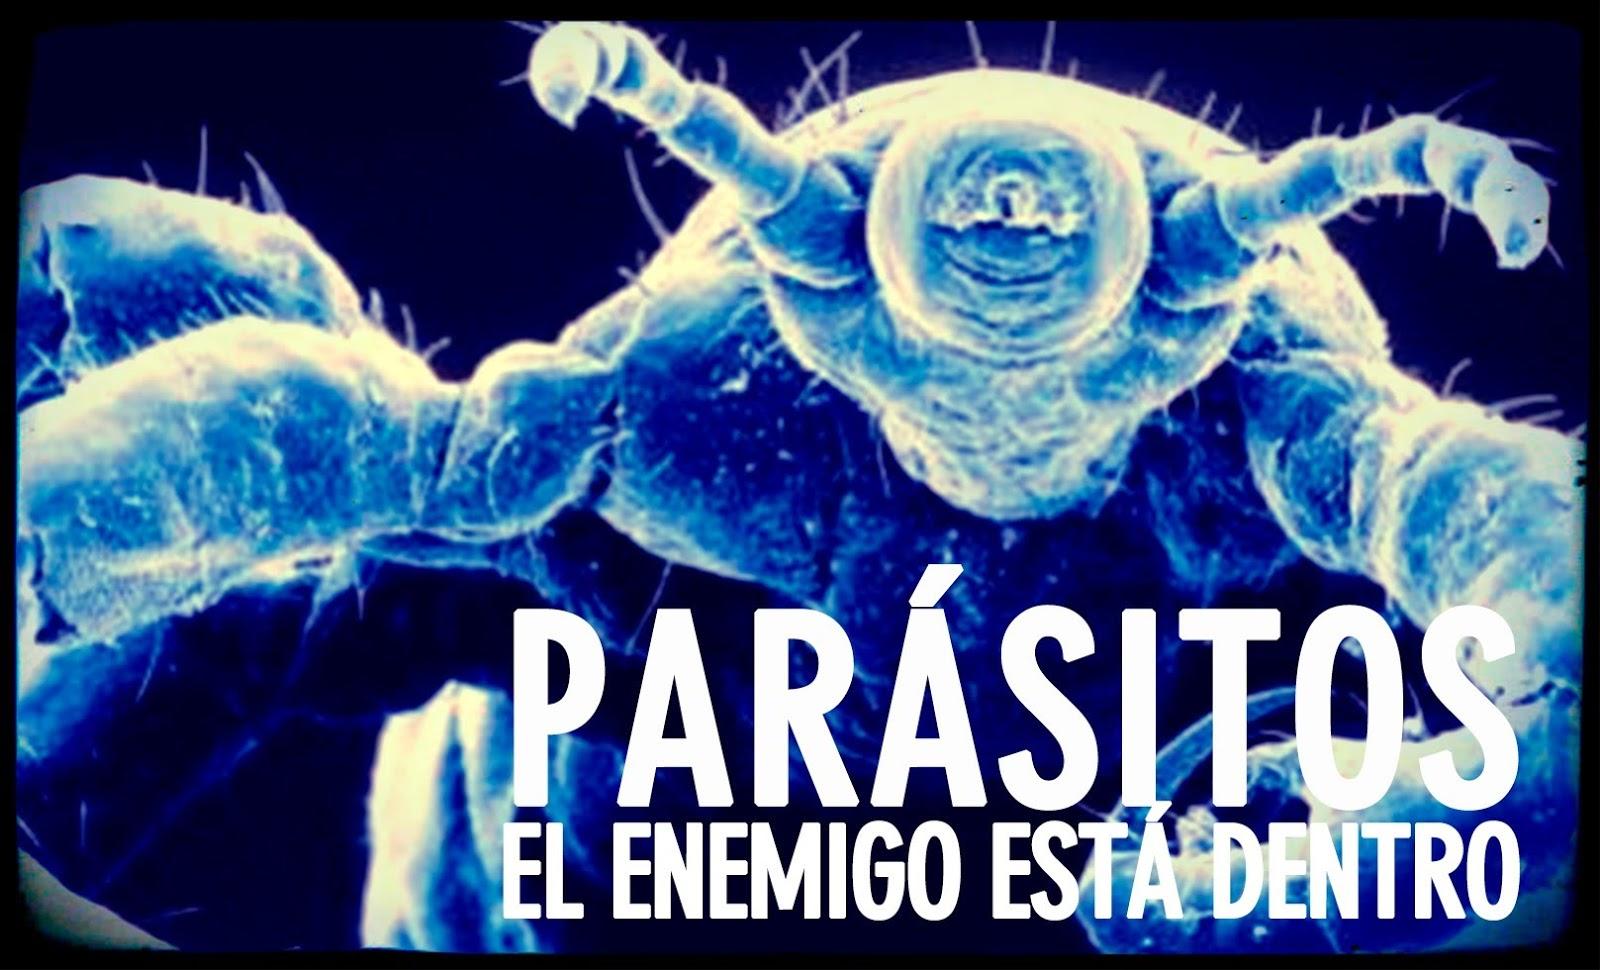 El parásito castaño oscuro en el intestino